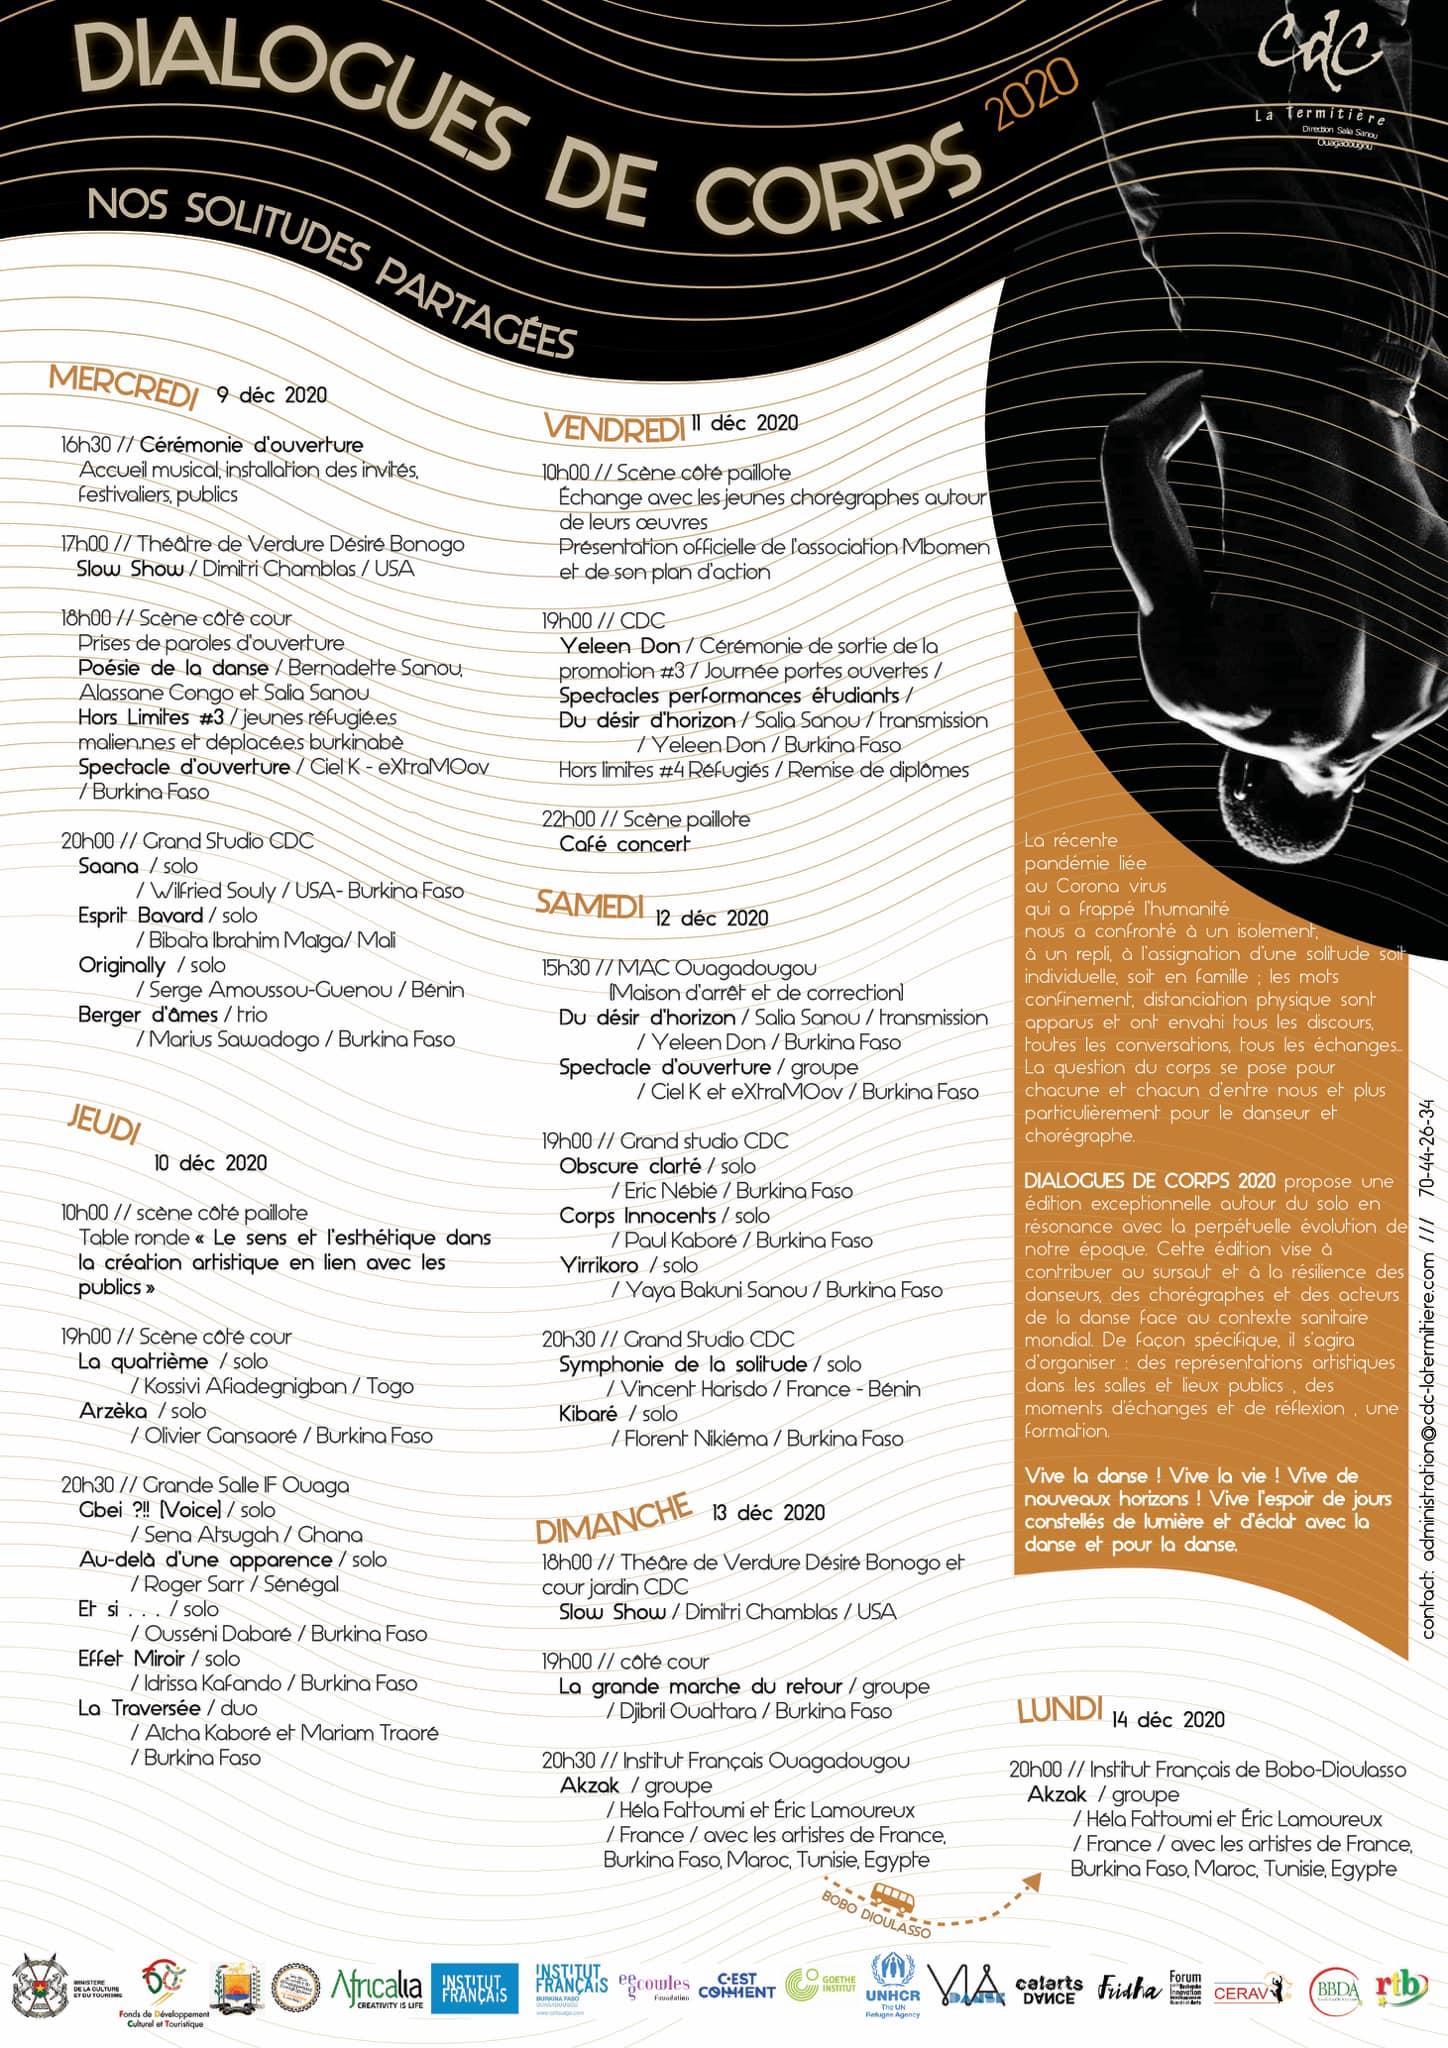 dance festival dialogues de corps